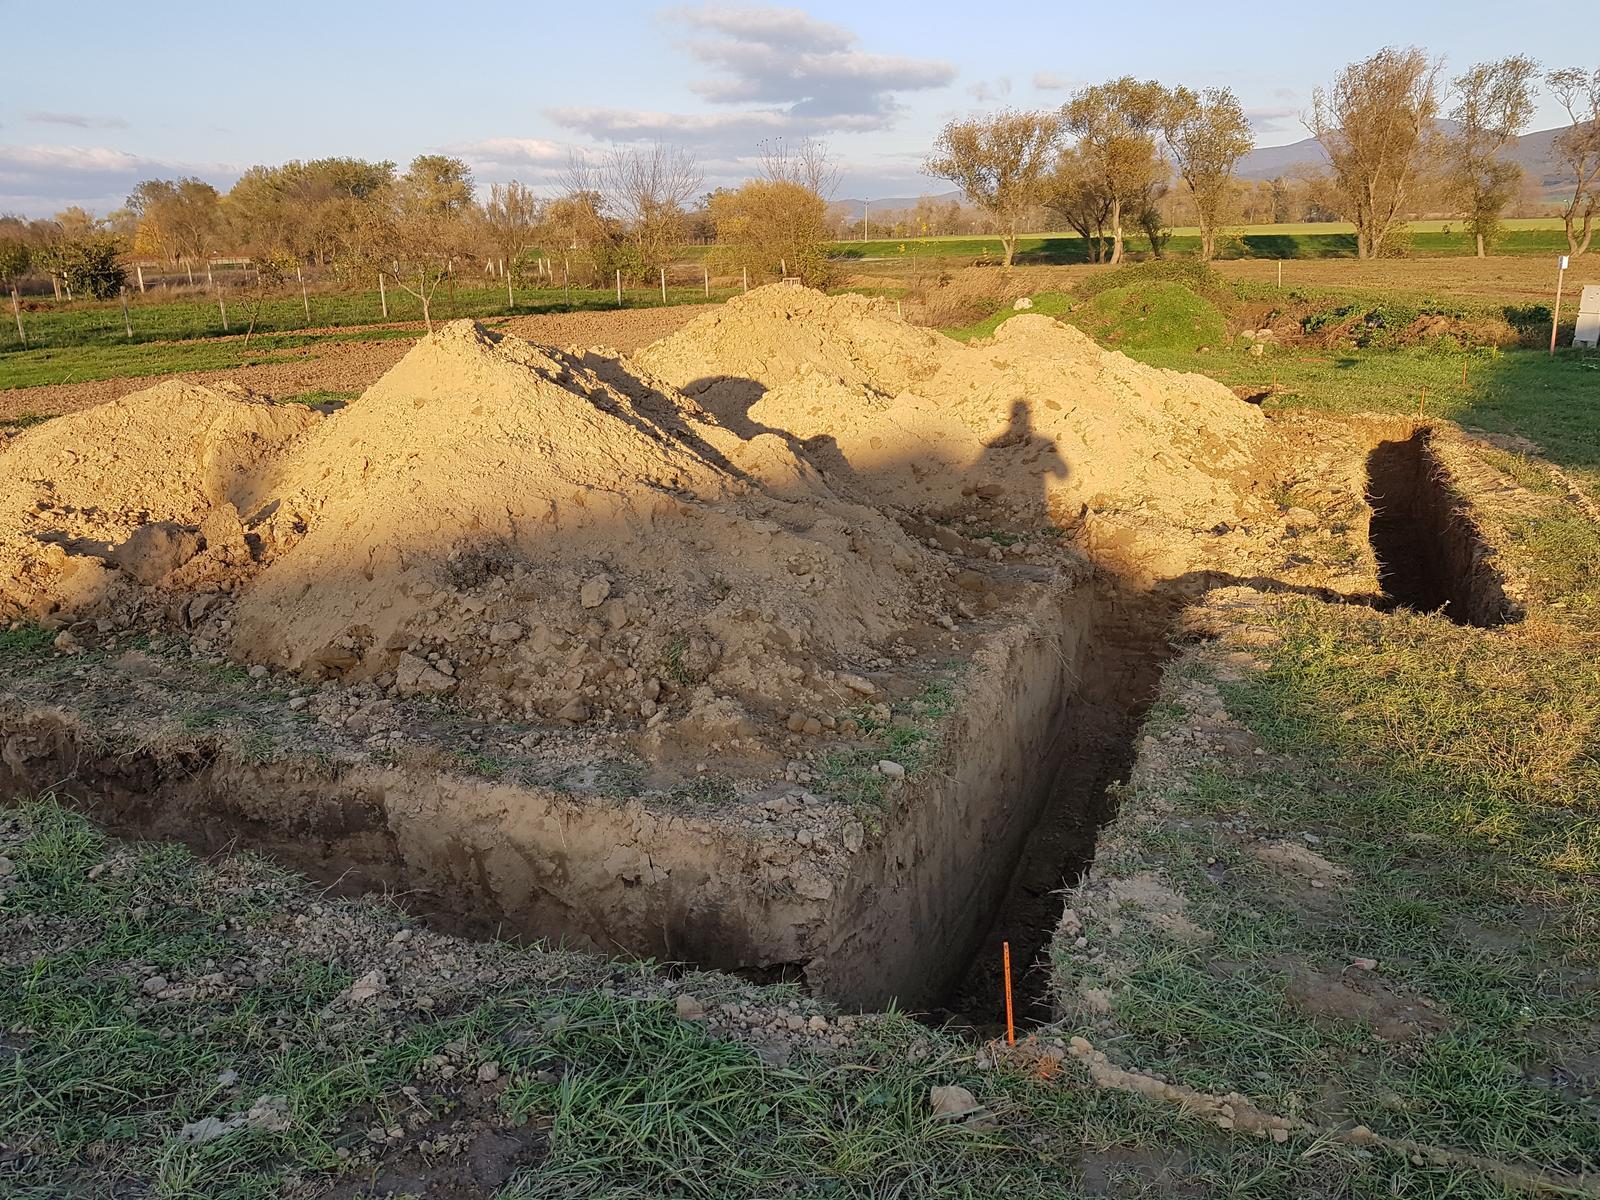 Zaciname stavat nas sen - 21.10. 2017 prvy vykop. Verim, ze domcek bude rast rychlo ako hriby po dazdi :-)